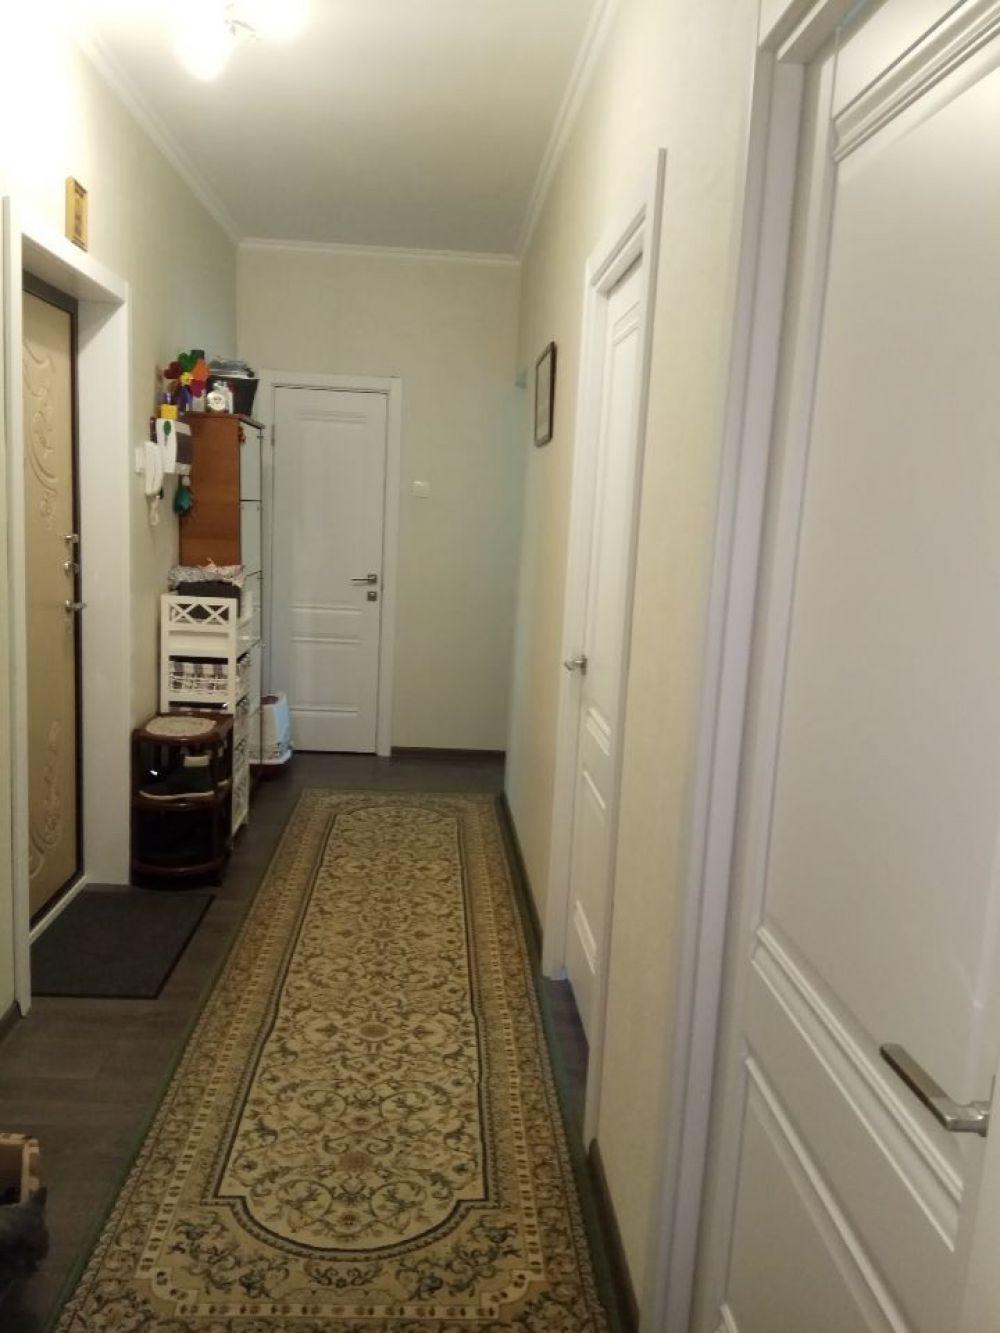 Двухкомнатная квартира, 53 м2, Богородский д.1, г. Щелково, фото 4